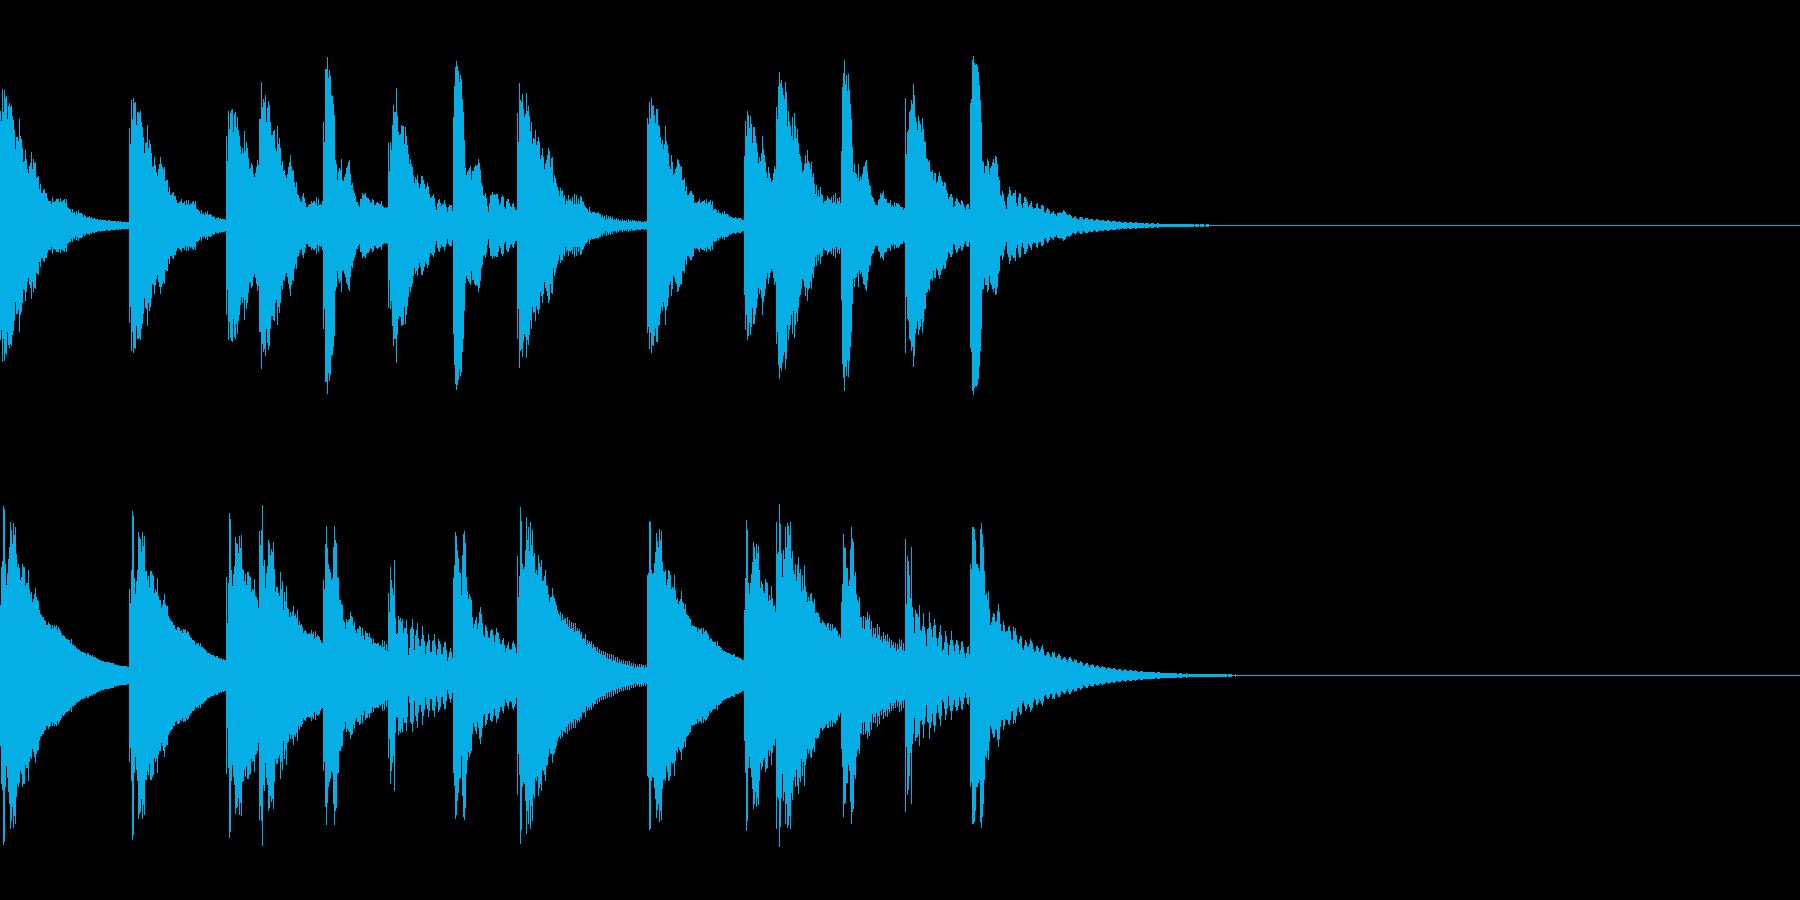 ででーーんという感じの木琴のジングルの再生済みの波形